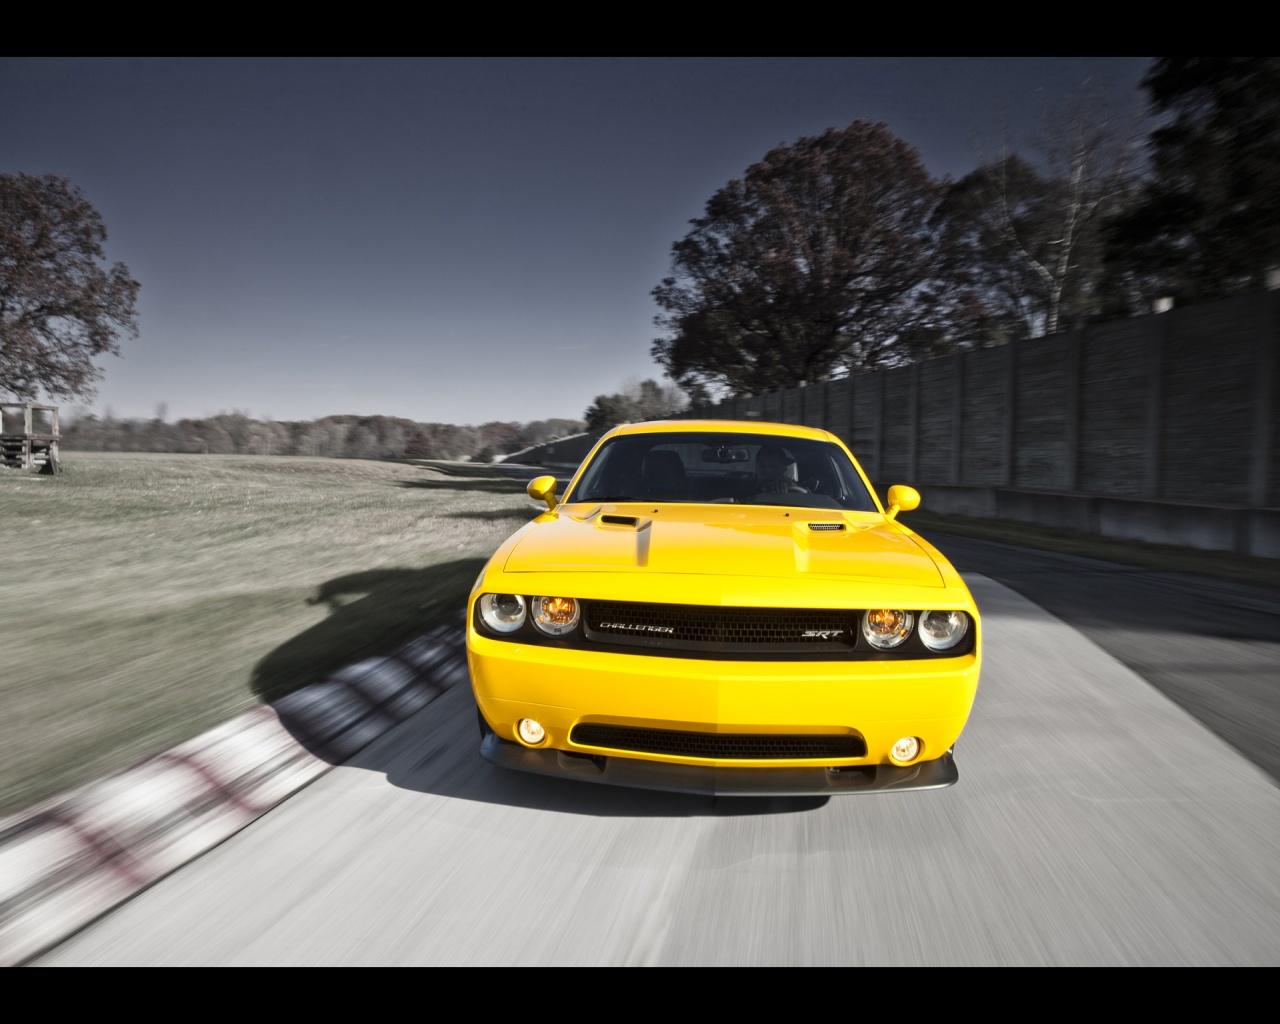 1280x1024 2012 Dodge Challenger SRT8 392 Yellow Jacket Front desktop 1280x1024